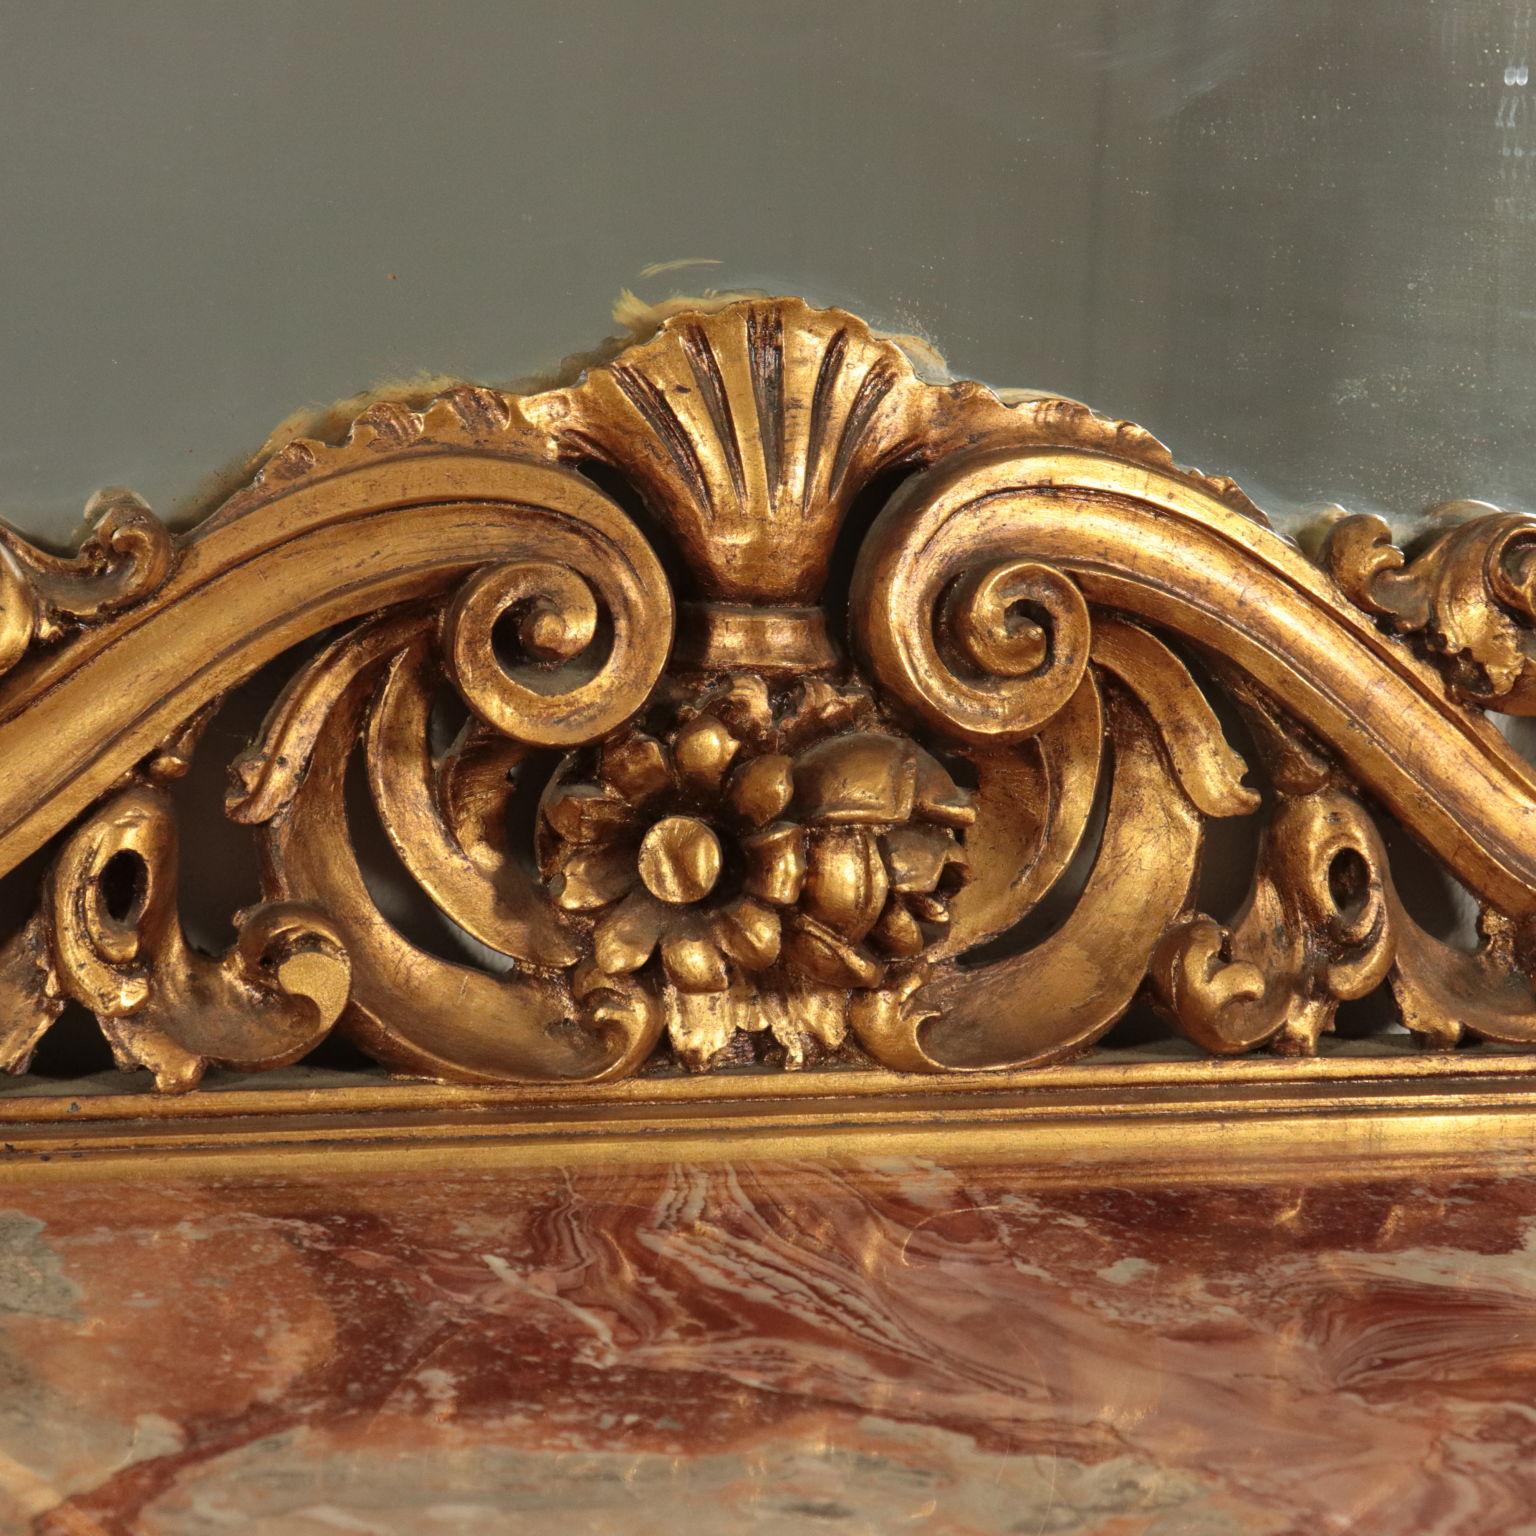 Console Vorgrundiertes Antichoc Polyur/éthane Console Murale Baroque D/écoration Int/érieur Unit/é Centrale Hexim Parfait 305 X 290 mm C8067